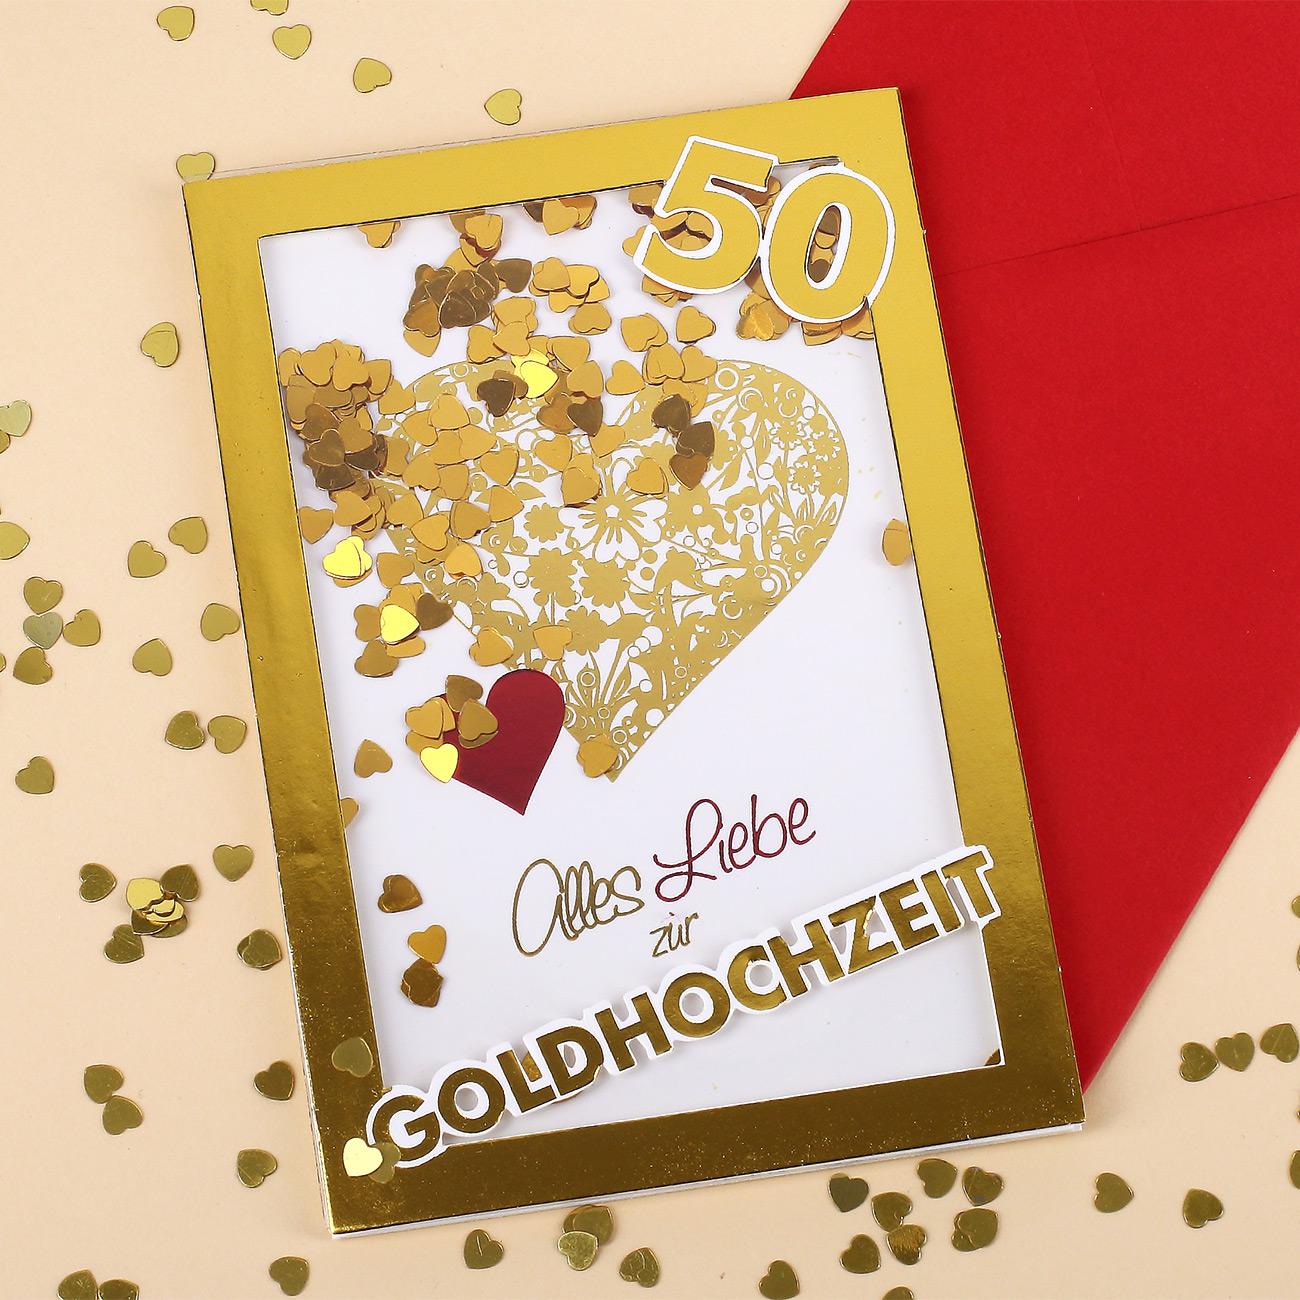 Konfetti Schüttel Glückwunschkarte Zur Goldenen Hochzeit